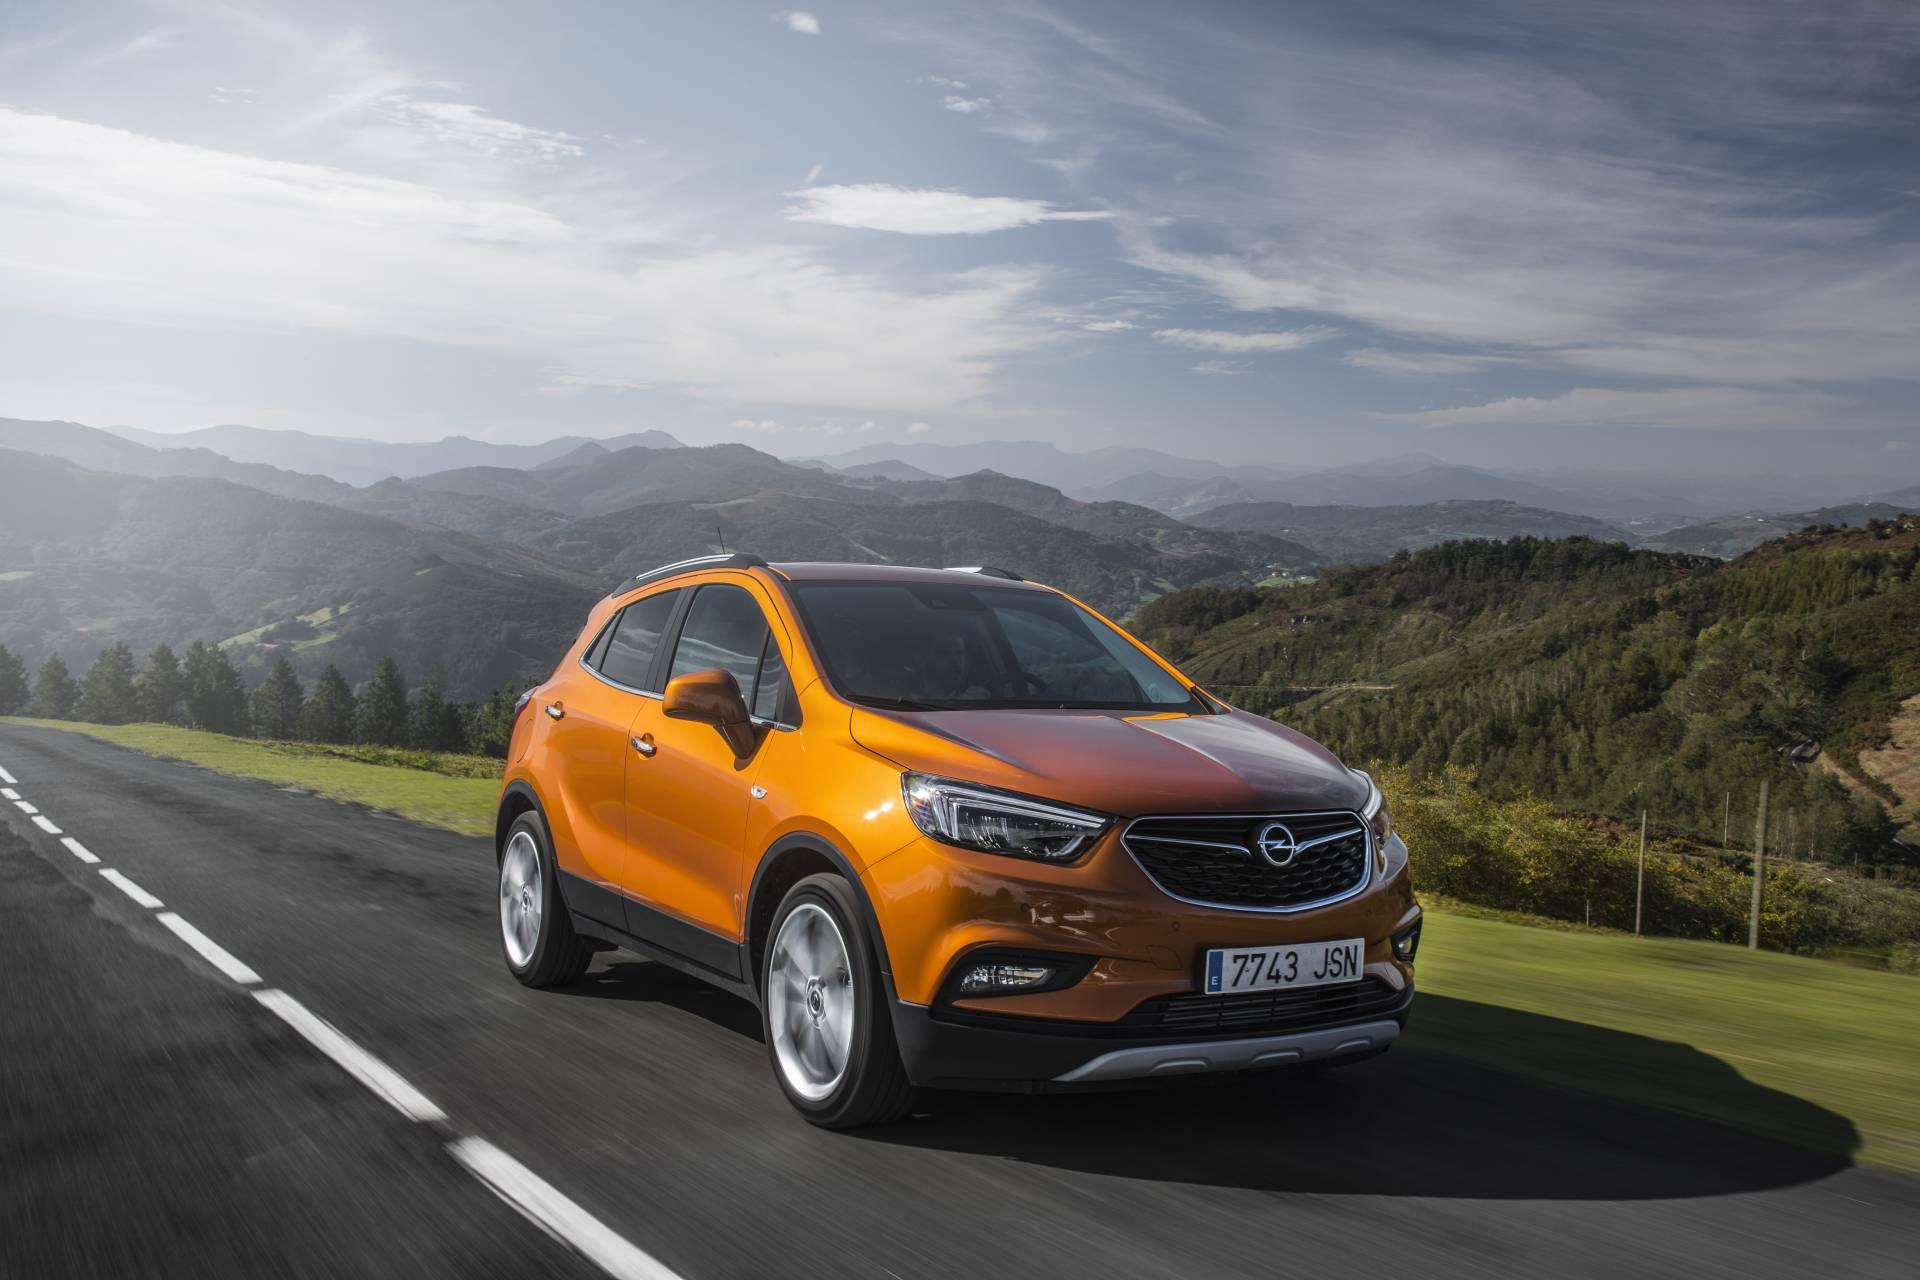 Esculturales formas dibujan el atractivo diseño del nuevo Opel Mokka X. En el frontal destacan las luces diurnas con tecnología Led.